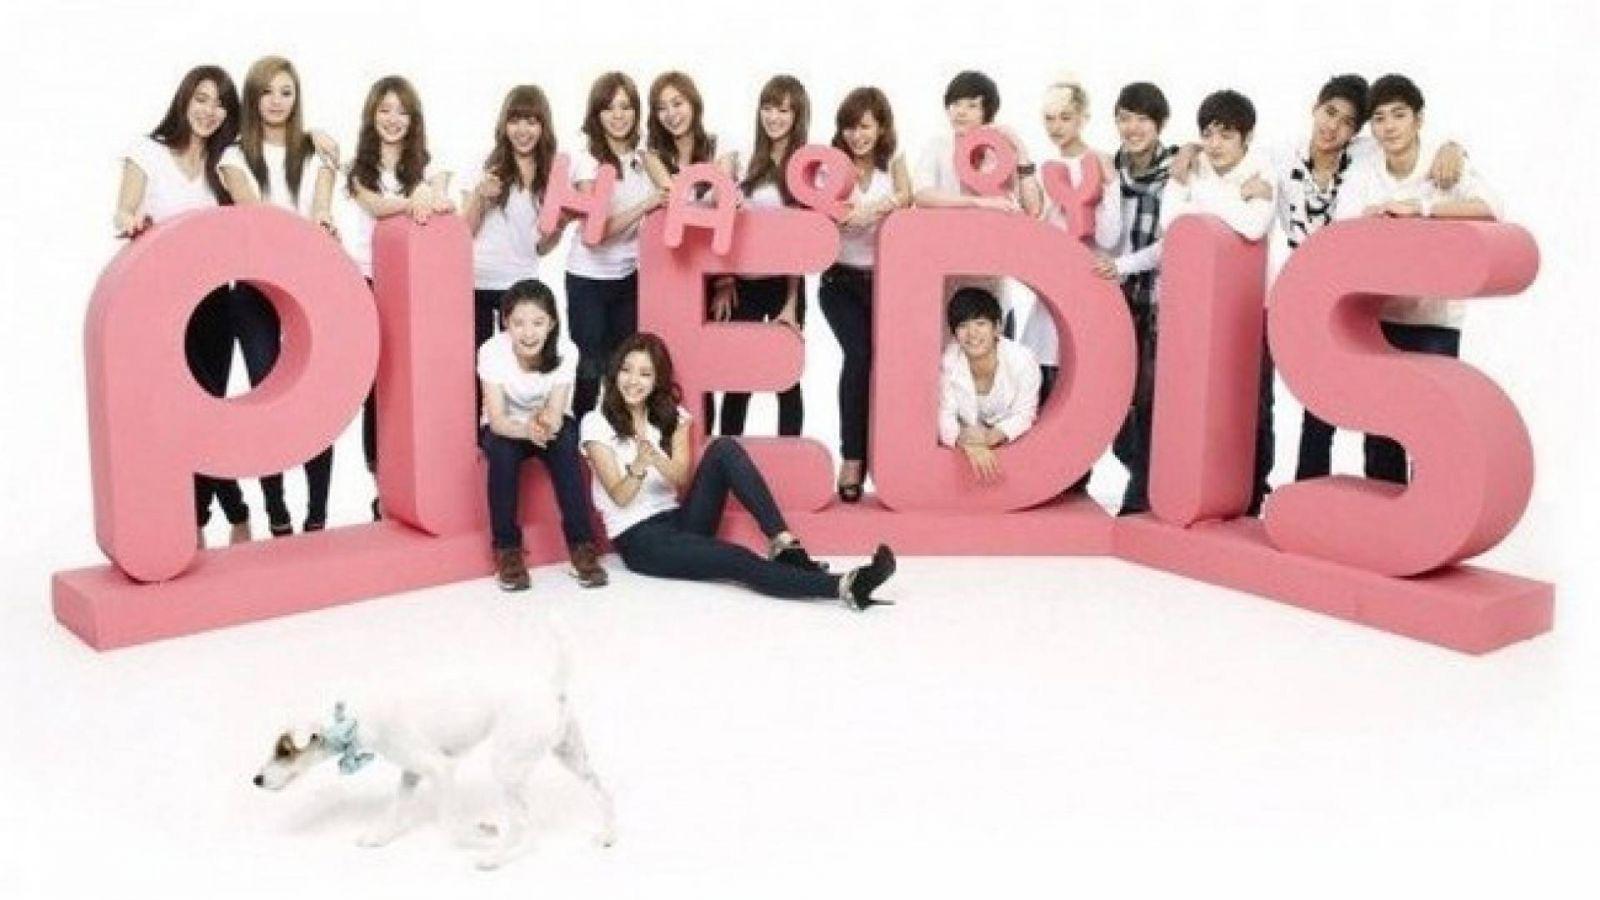 Pledis Entertainment va lancer un groupe de 17 membres © Pledis Entertainment